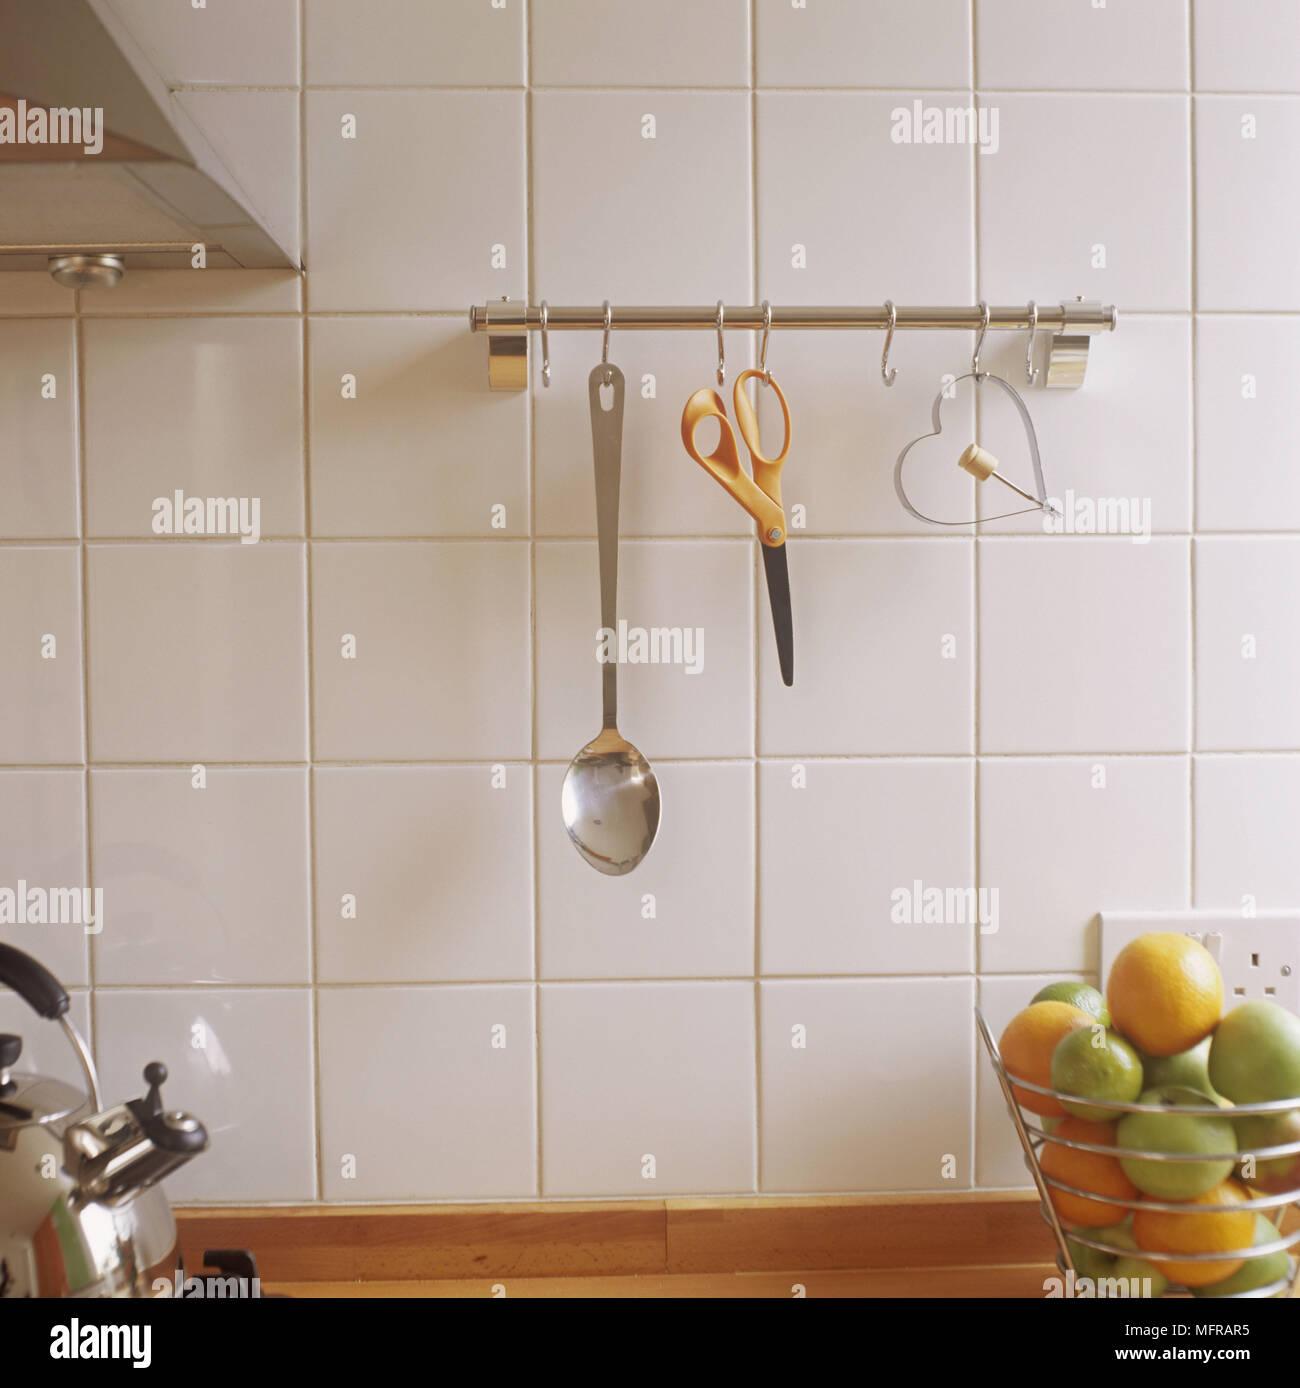 Utensili da cucina appesi da ganci di acciaio su bianco parete ...